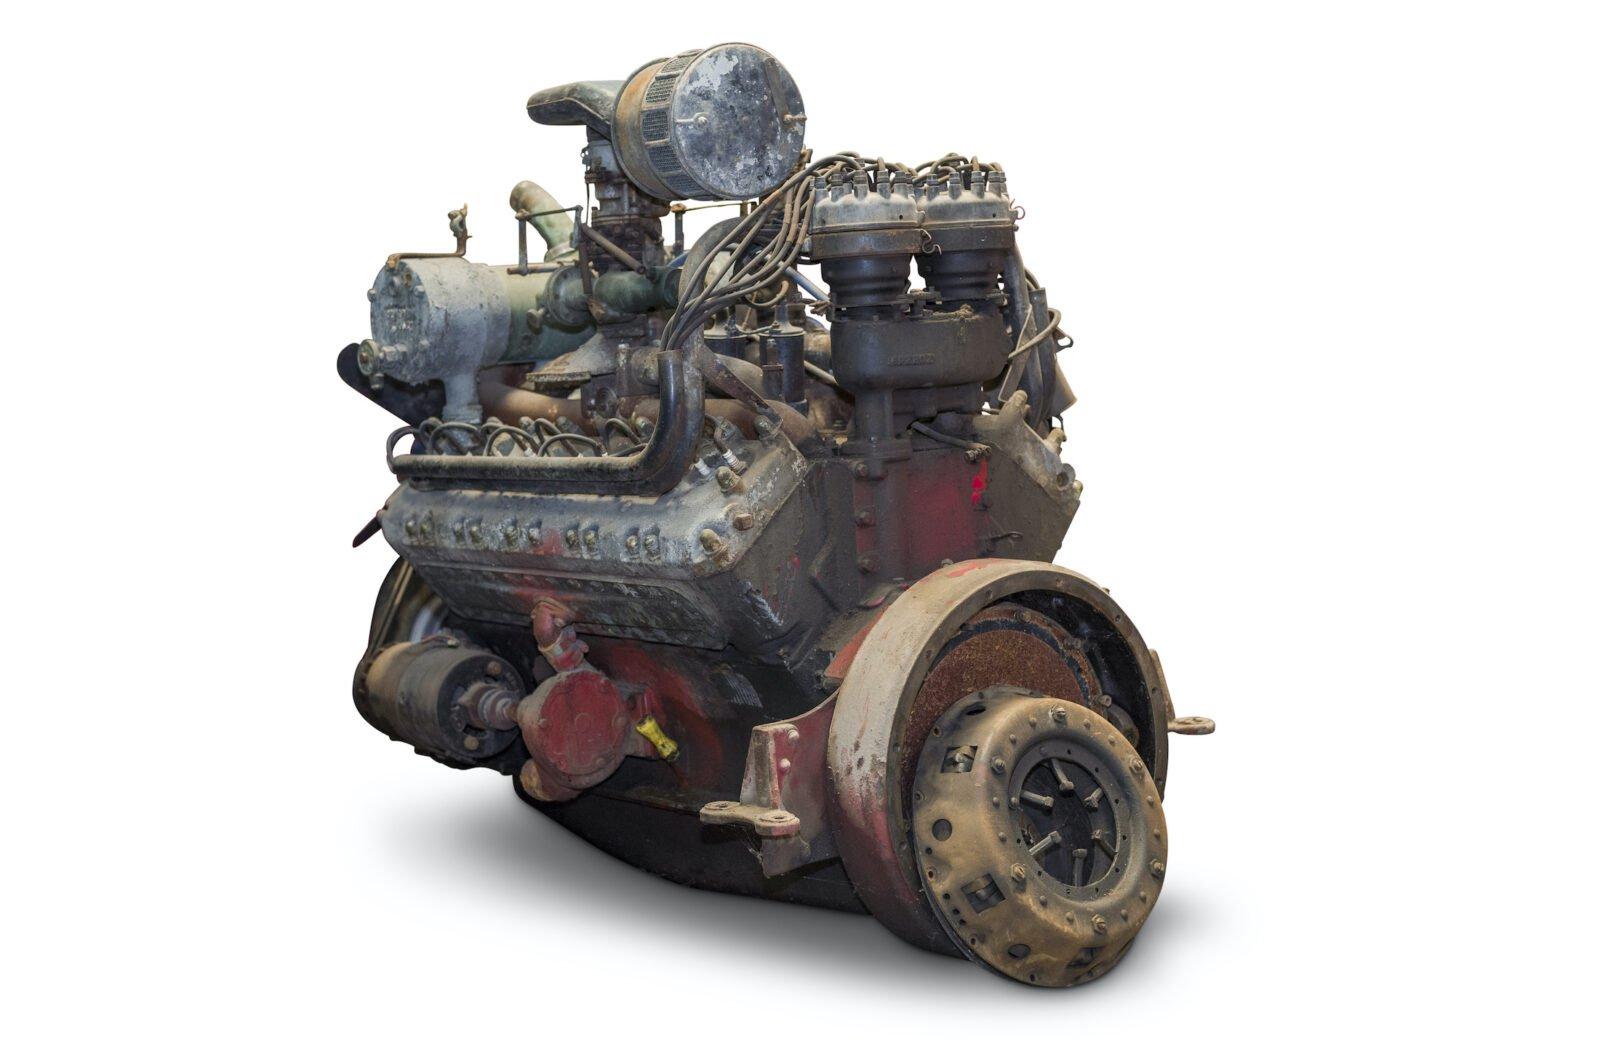 Seagrave V12 Engine